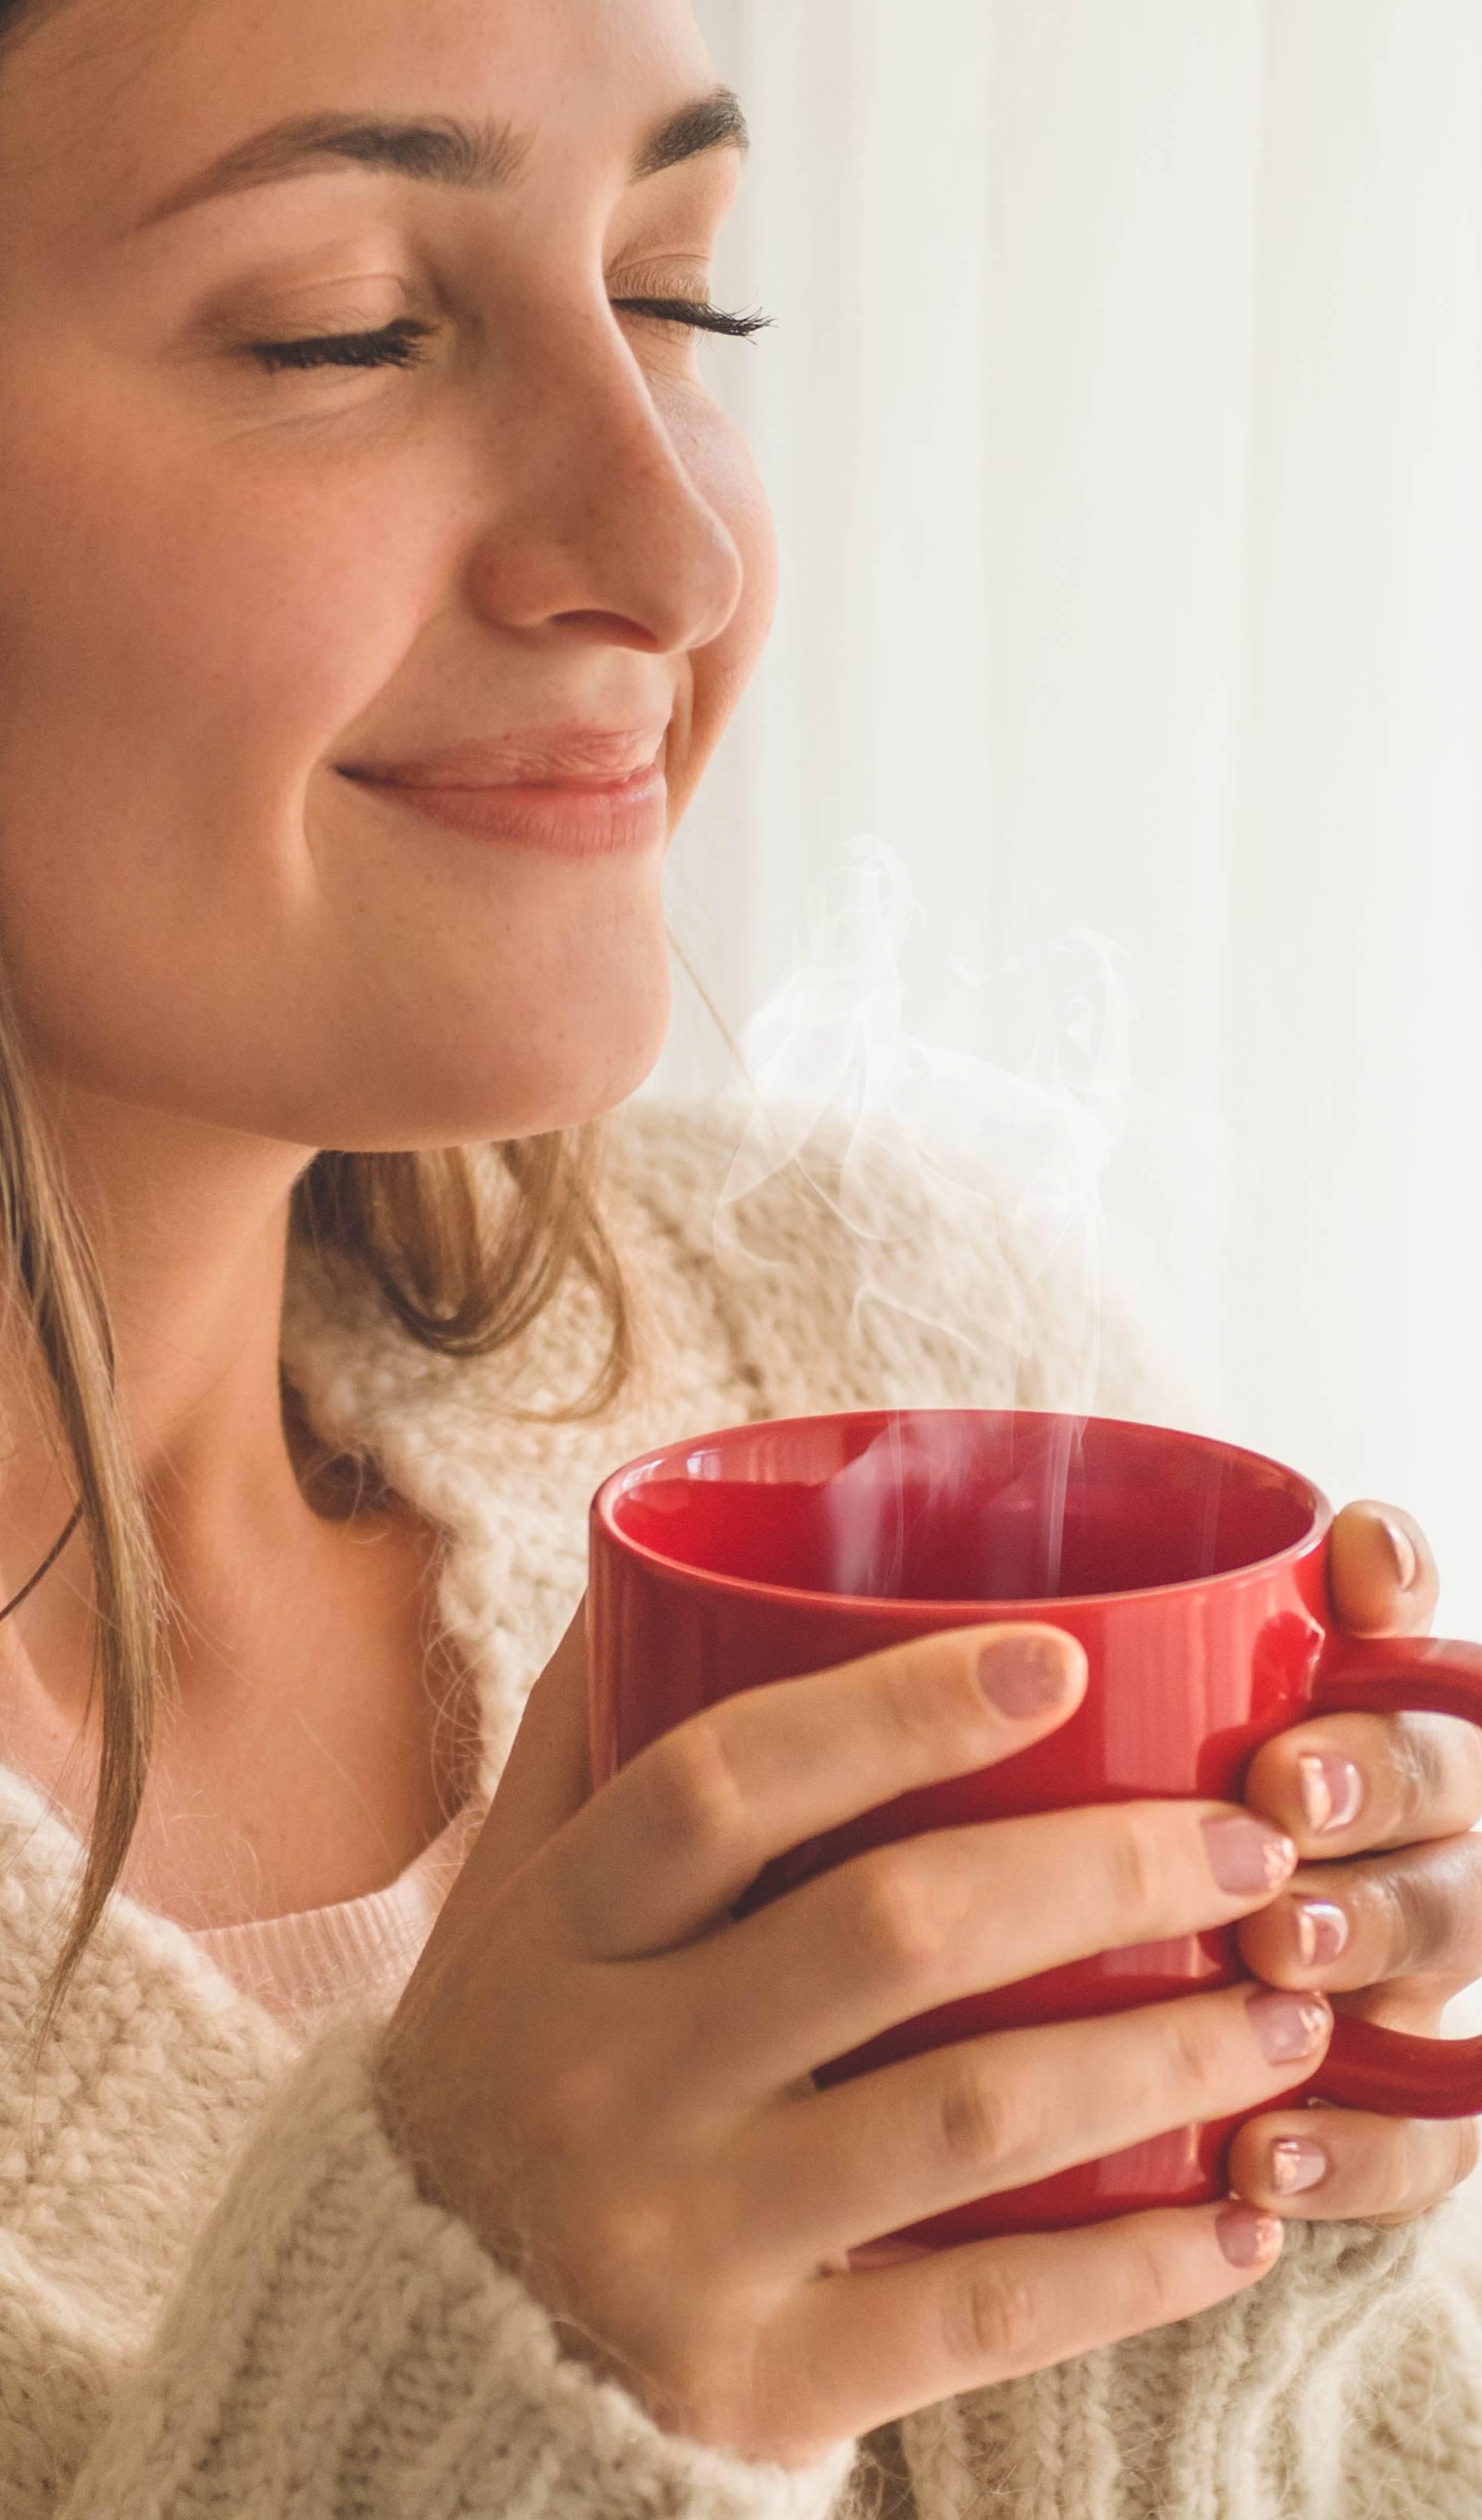 Koje je piće najbolje ujutro prvo popiti? Ono vam najviše koristi